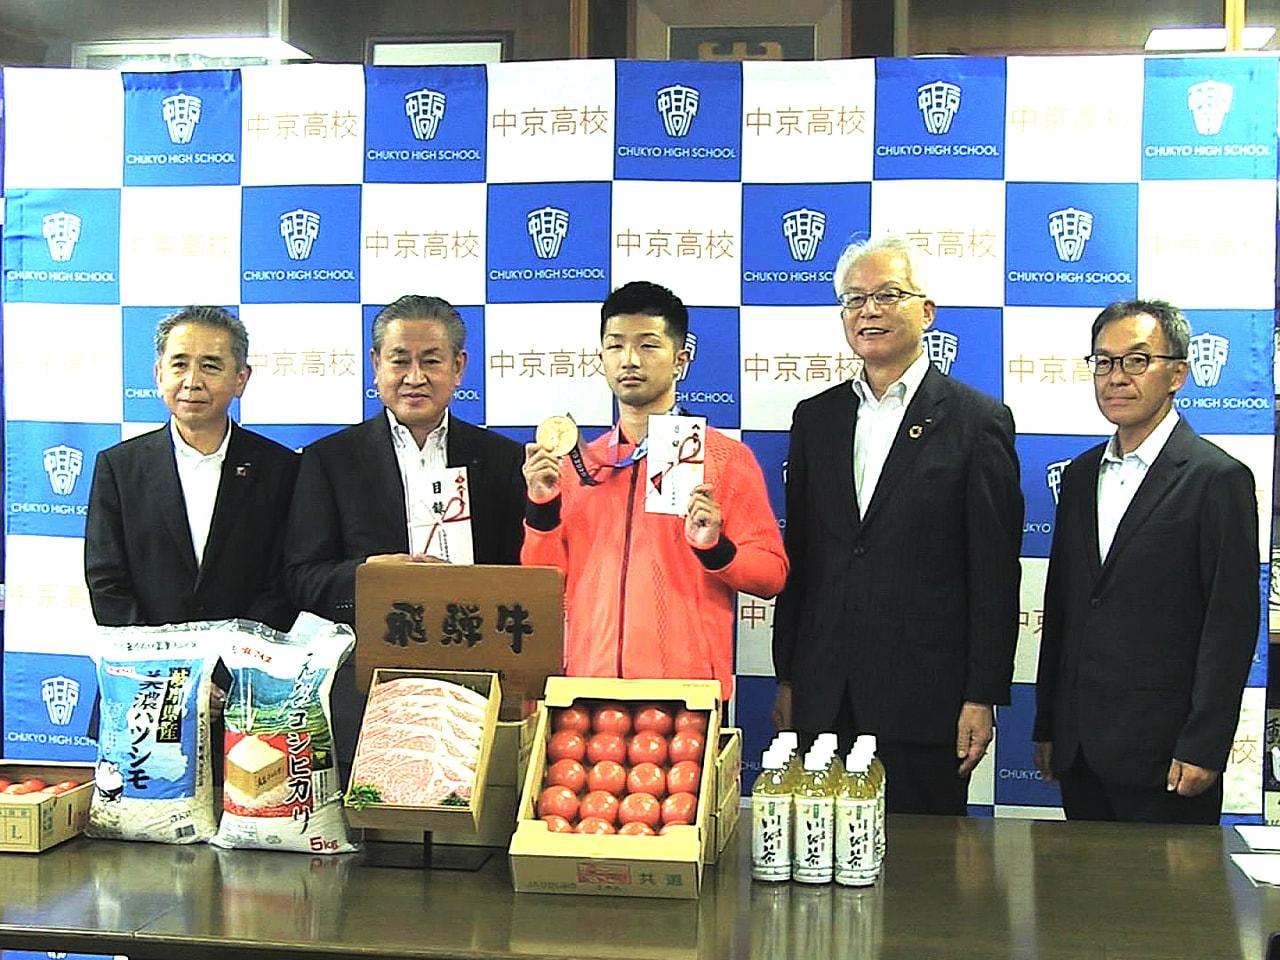 東京オリンピックのボクシング男子フライ級で銅メダルを獲得した、中京高校教諭の田中...